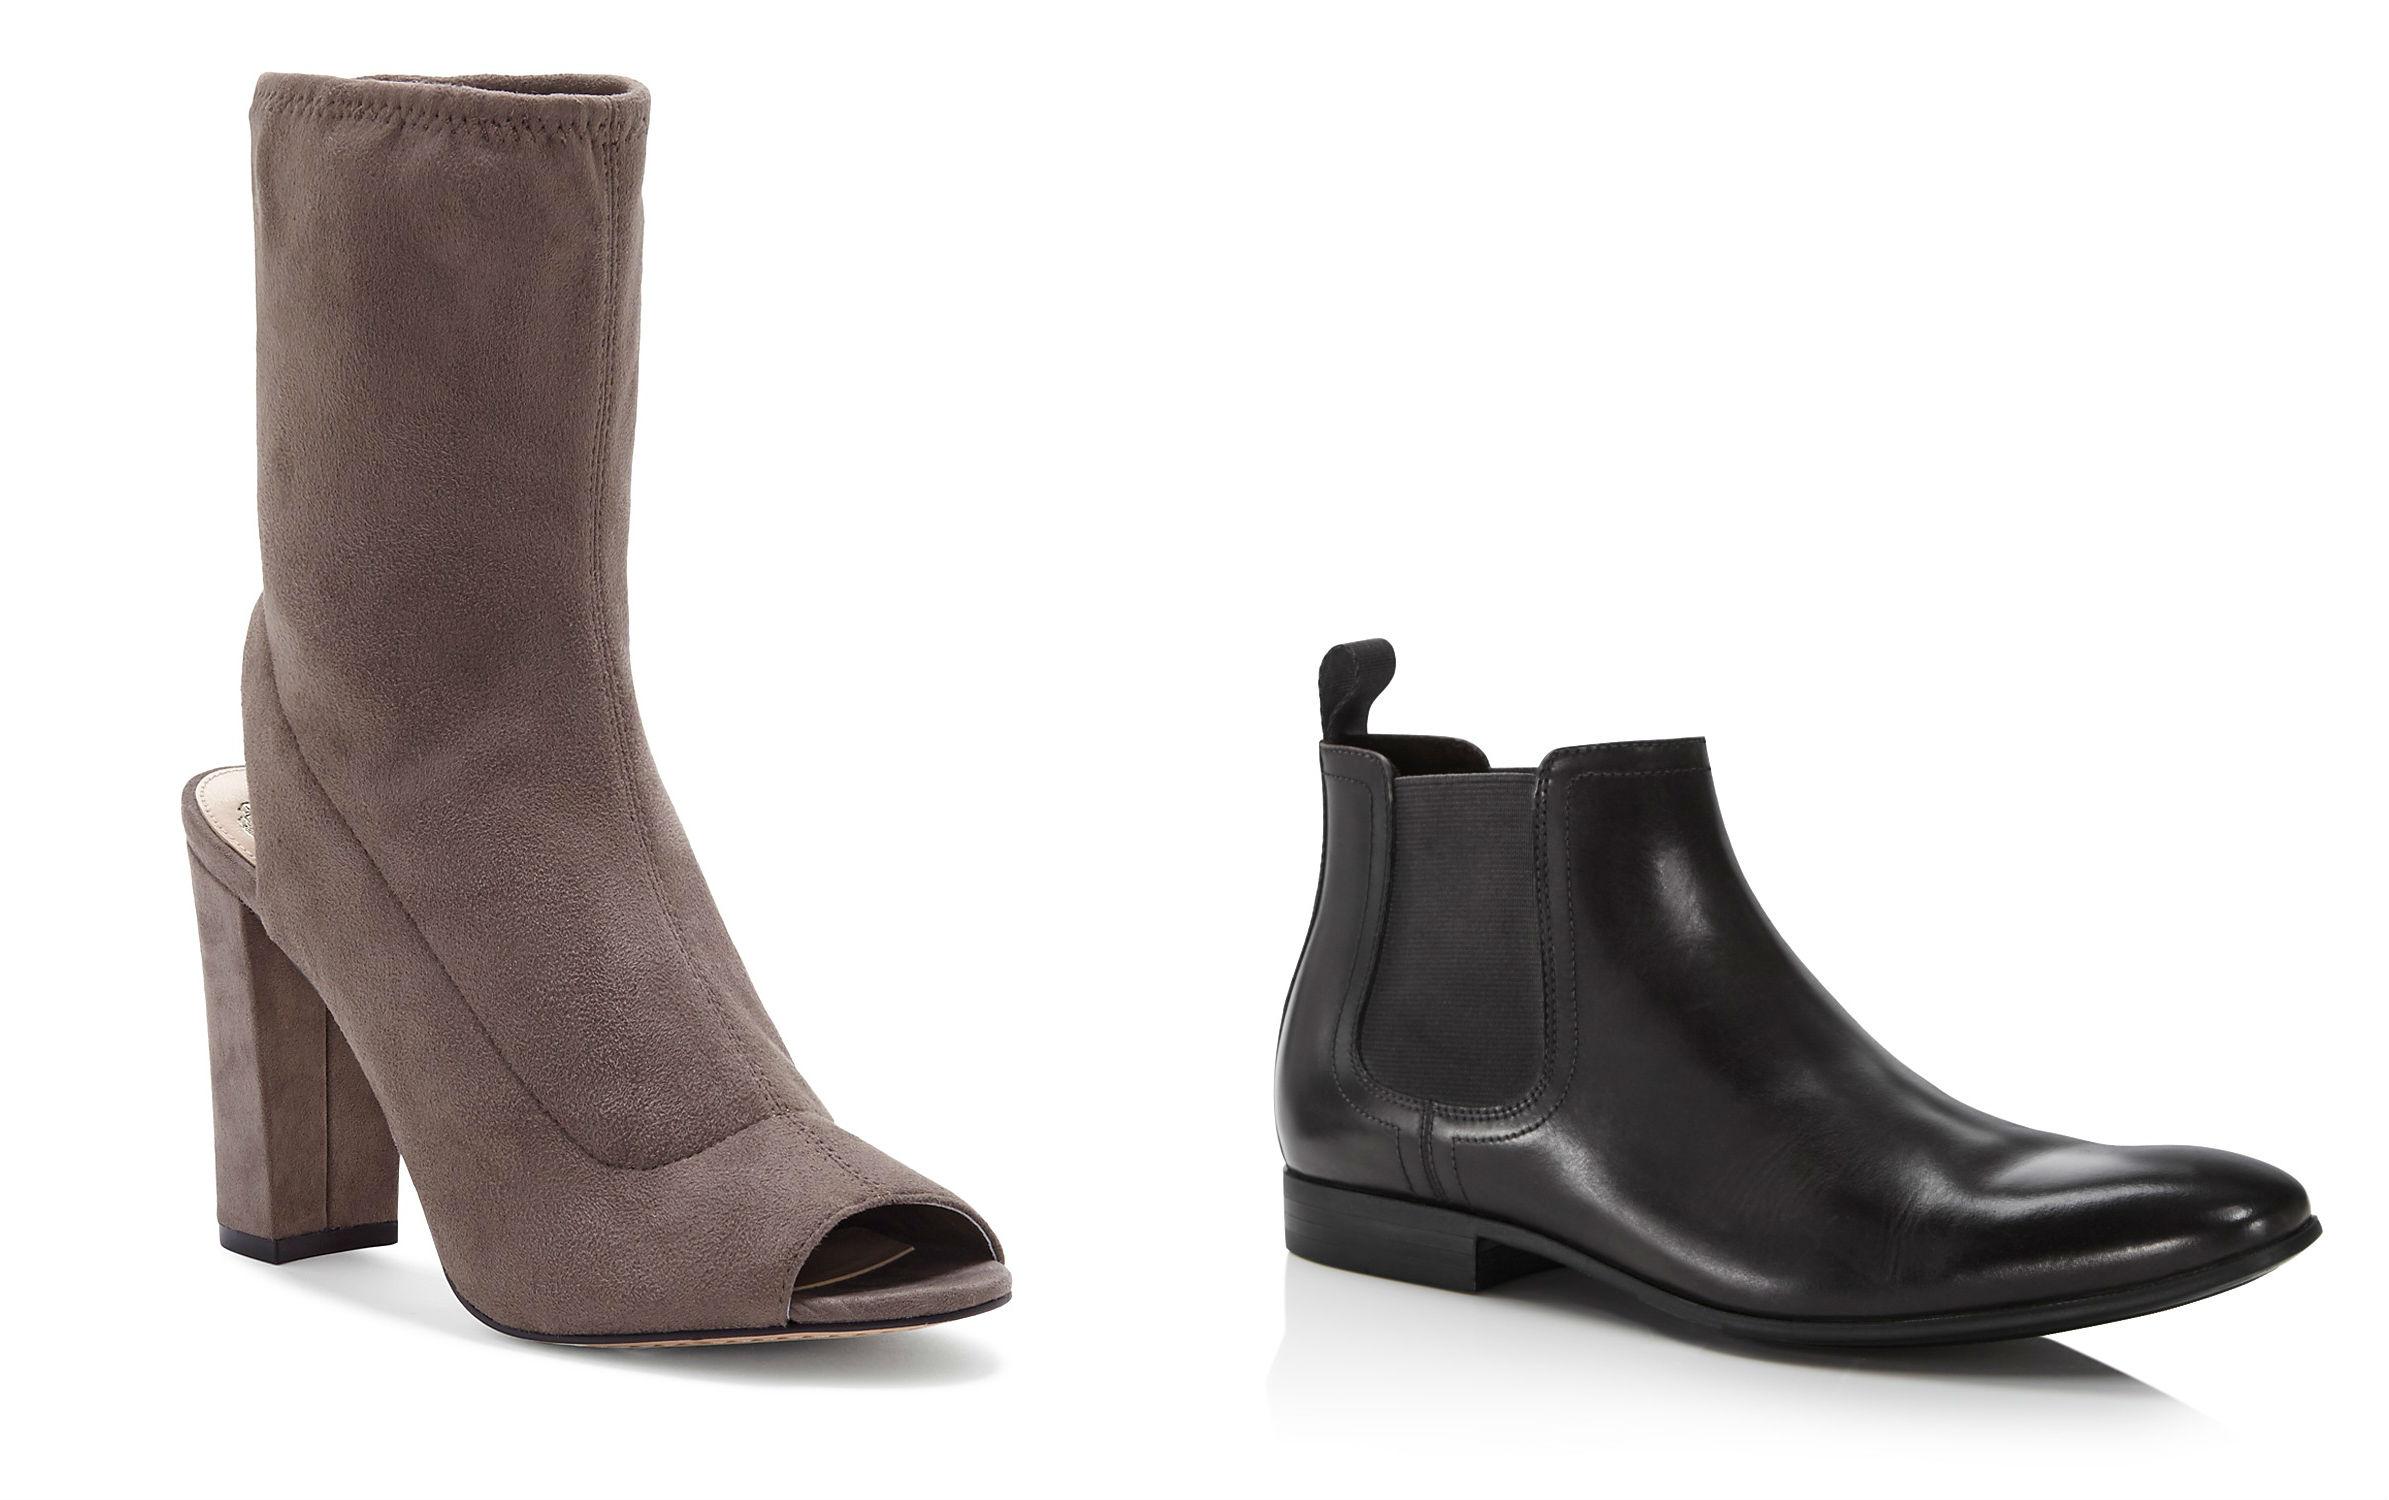 bloomingdales shoes